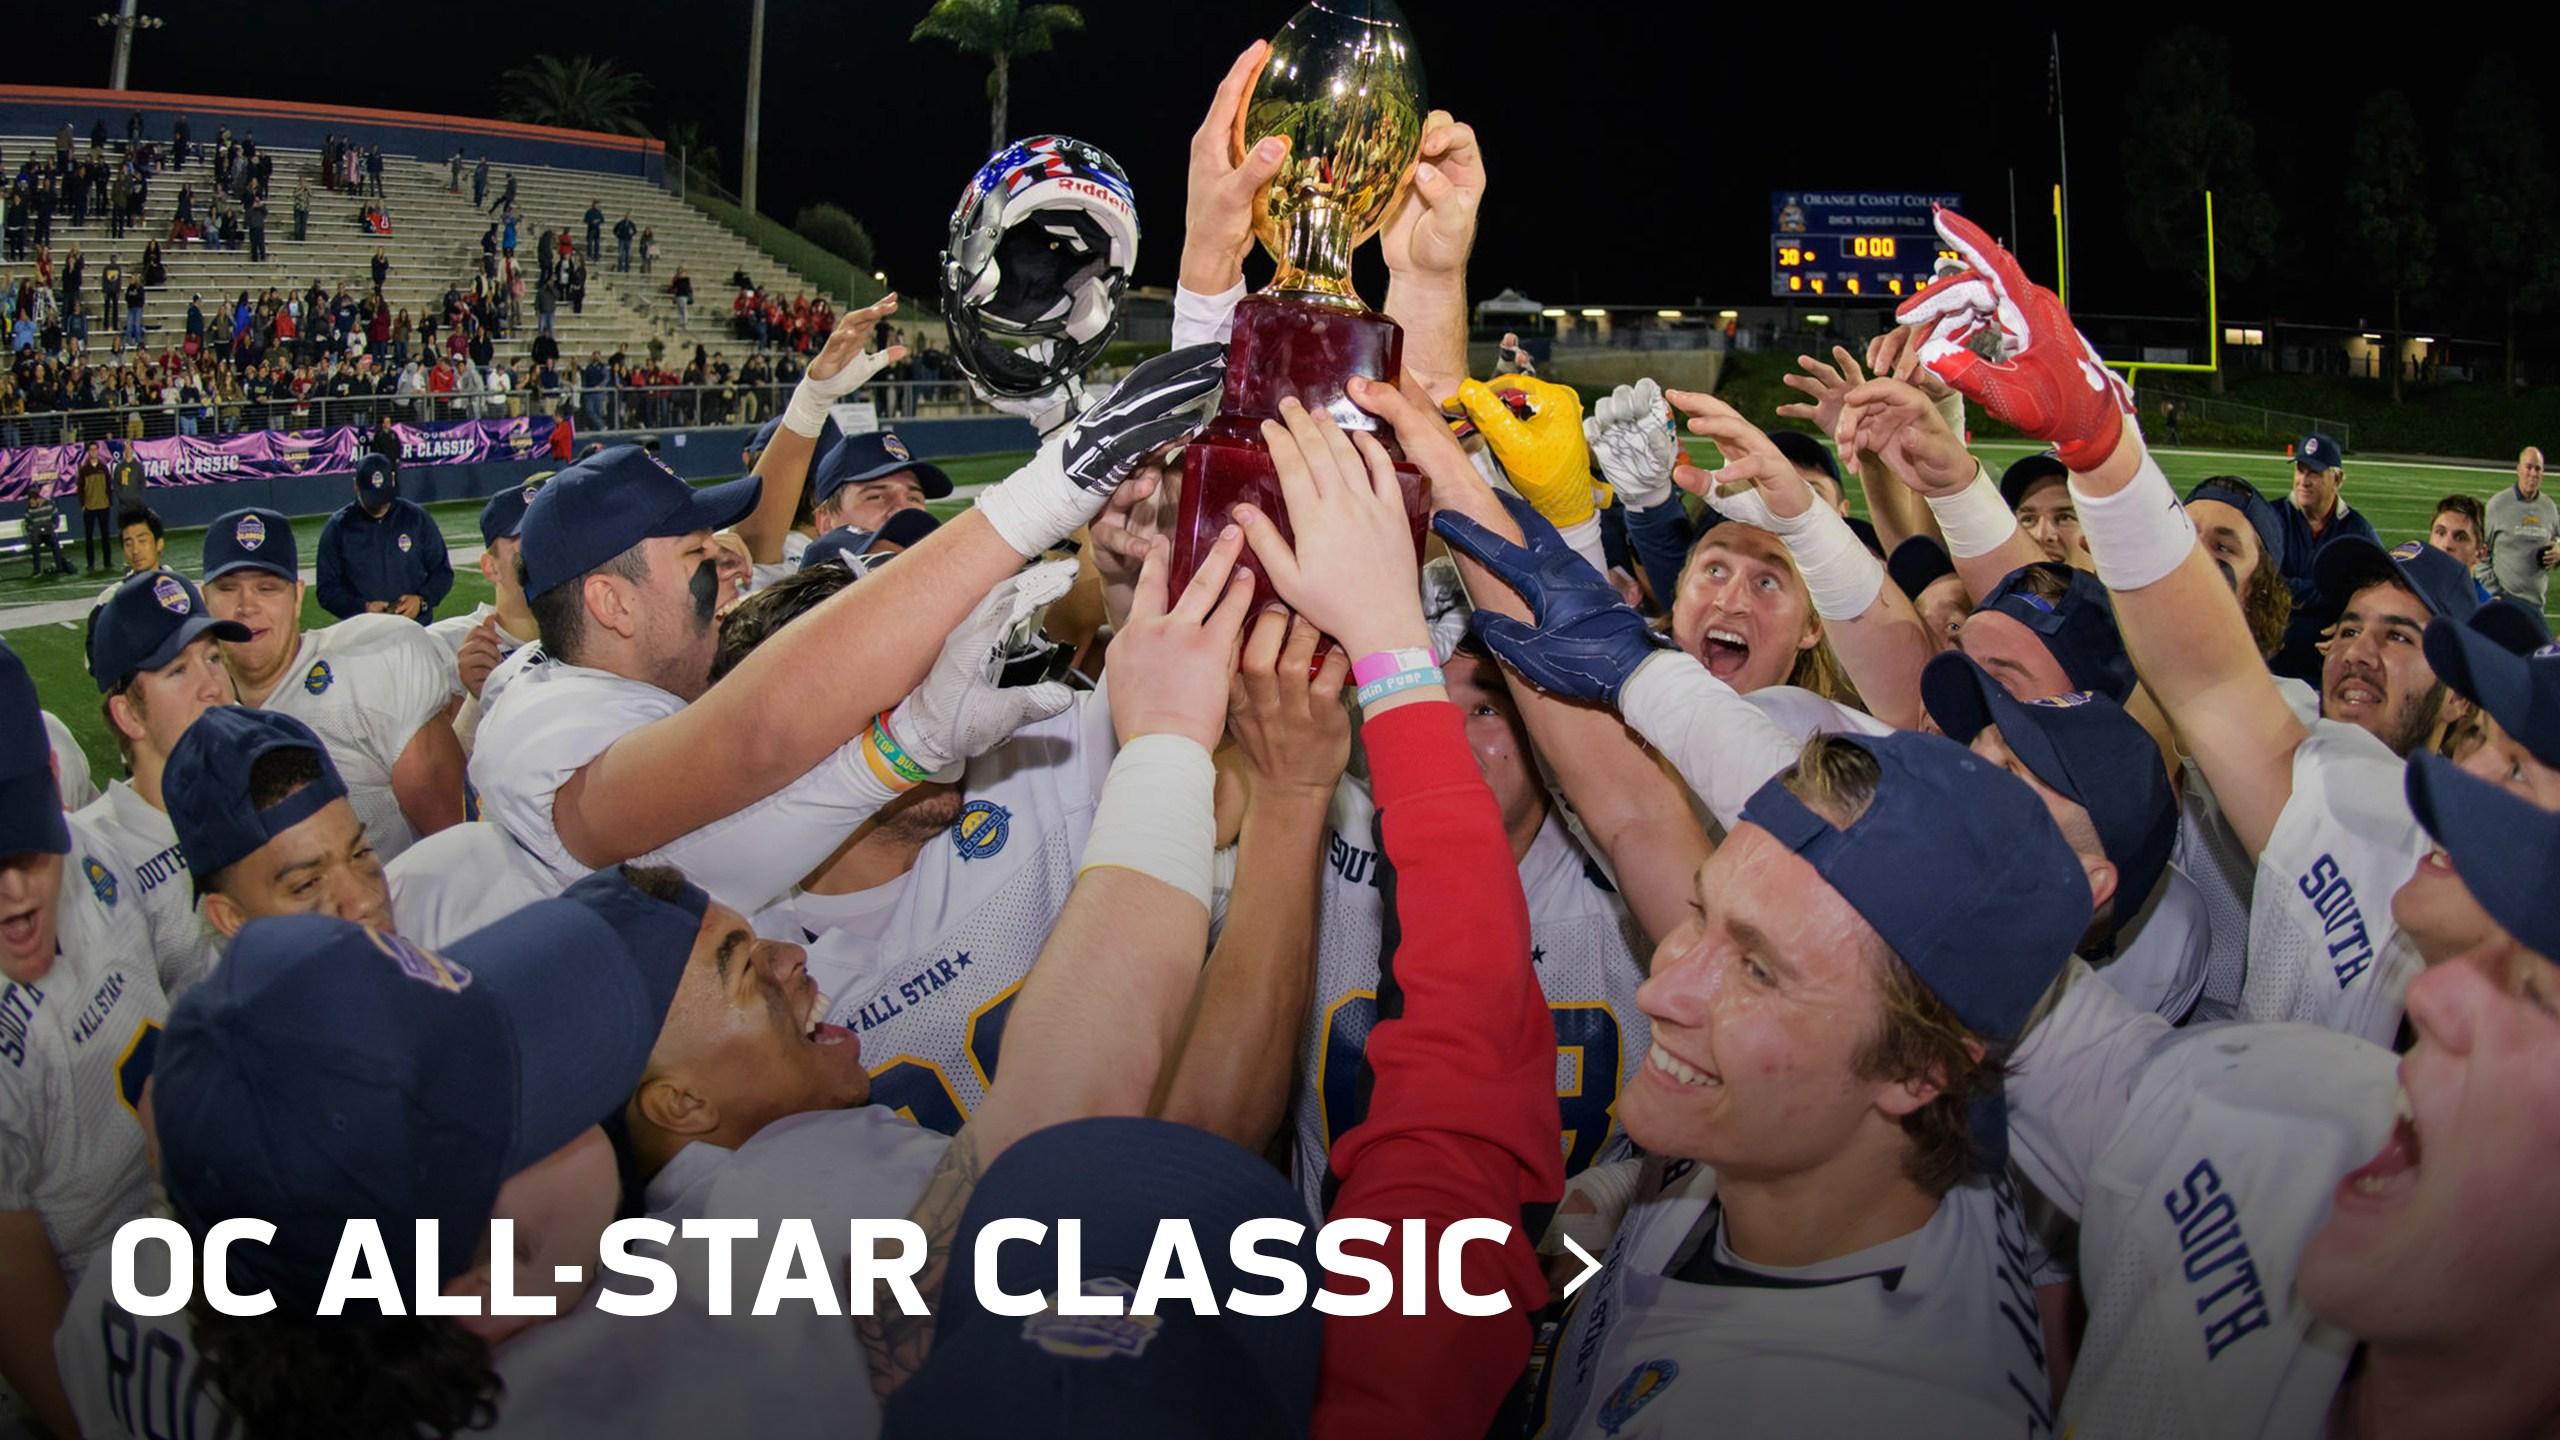 OC All-Star Classic